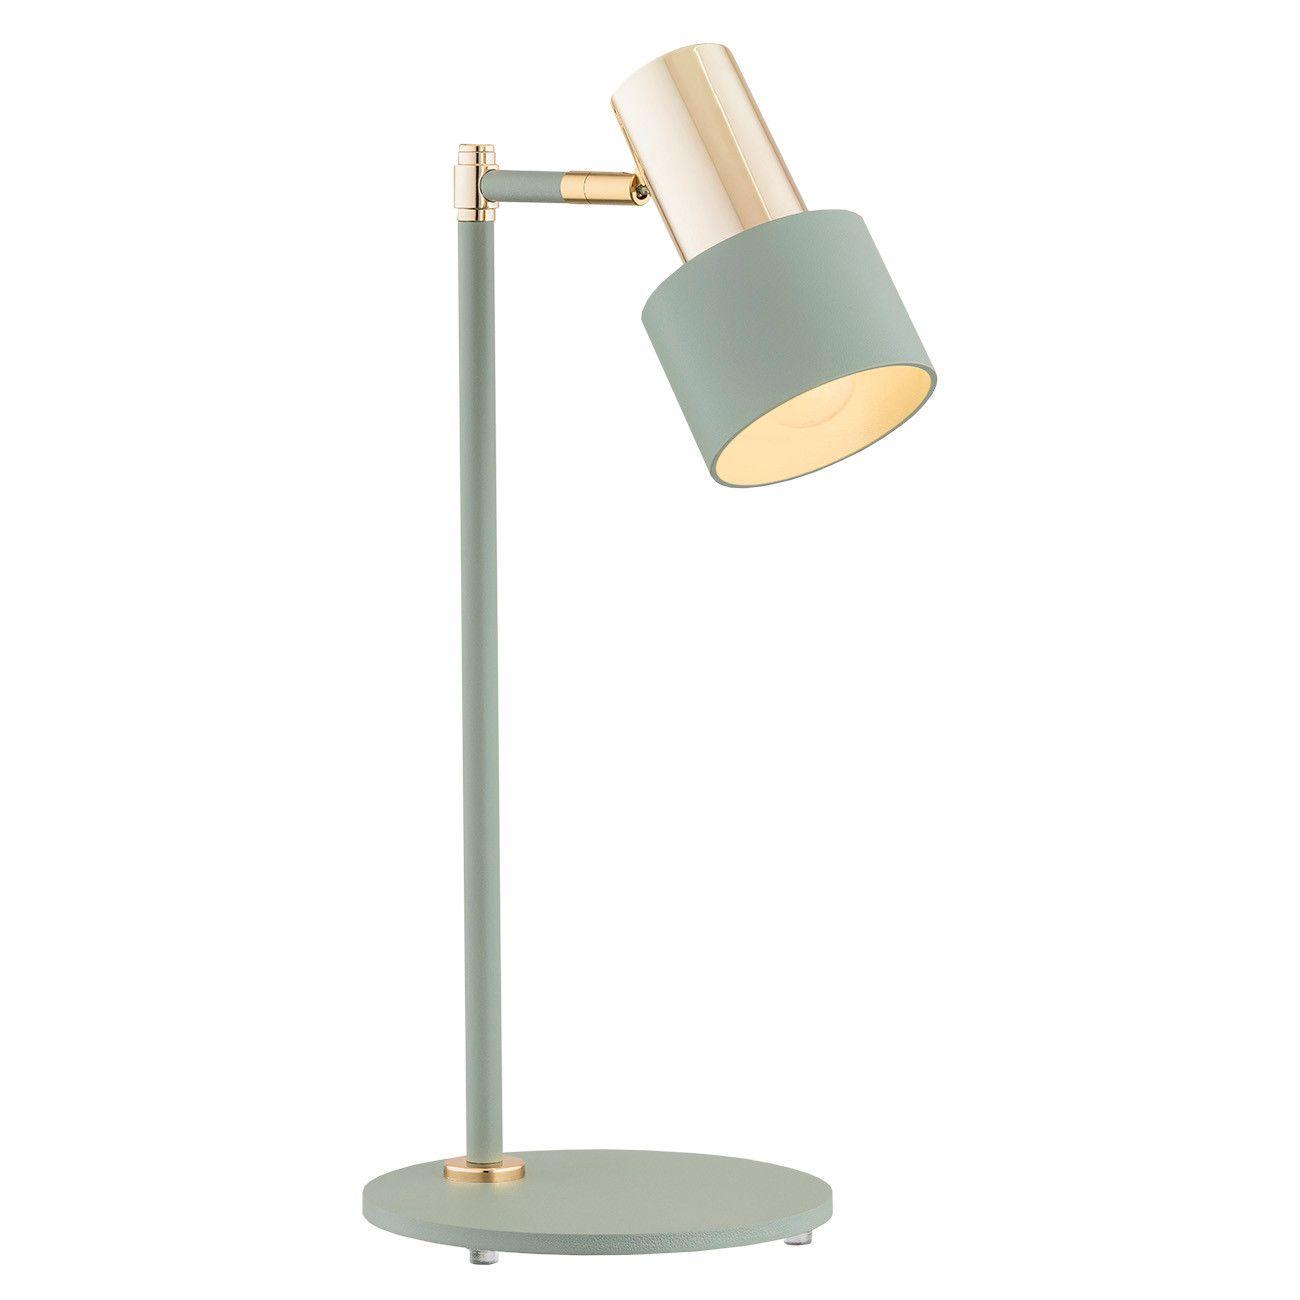 OUTLET Nowoczesna lampa biurkowa Doria  - regulowany klosz, szałwia